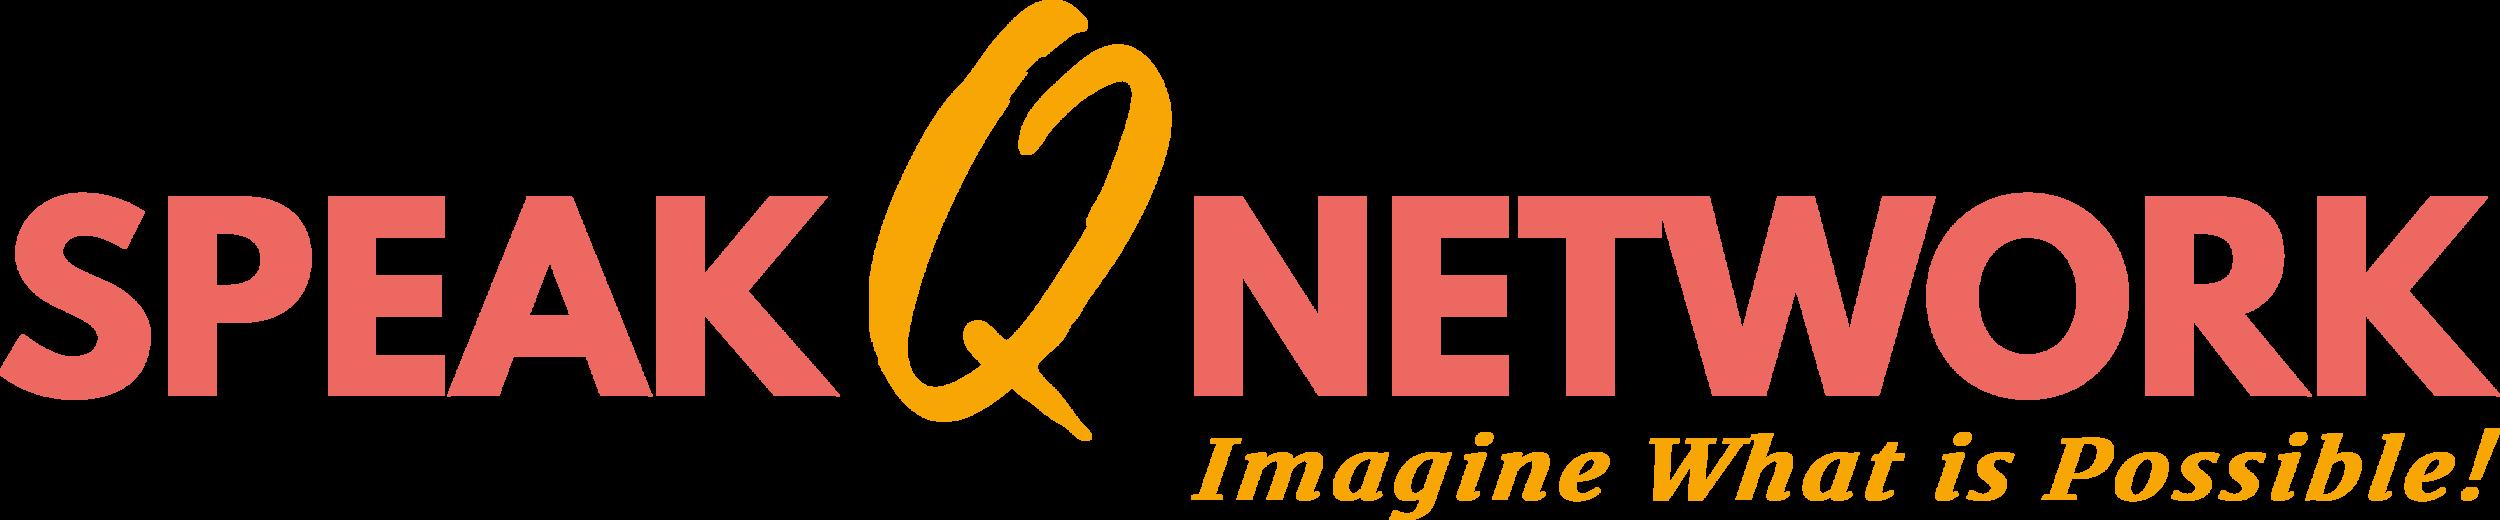 SpeakQNetwork Logo & Tagline.png